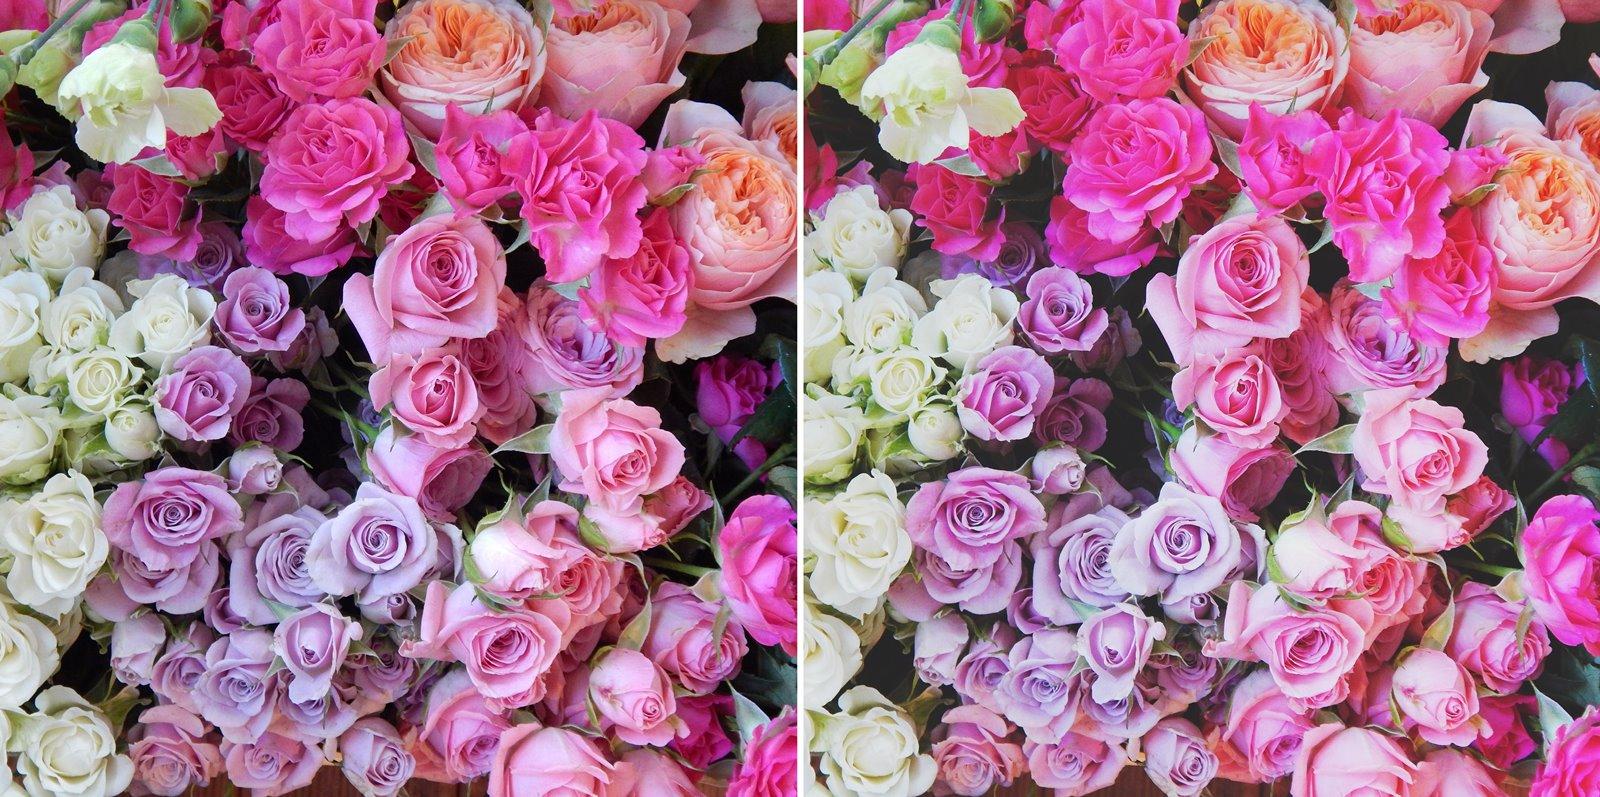 russ afterlight jak obrabiać zdjęcia na instagramie jak stworzyć spójny feed profil na ig instagram obróbka zdjęć fotografii kadrów różowy motyw przewodni na bloga porady tipy inspiracje afterlight a color story